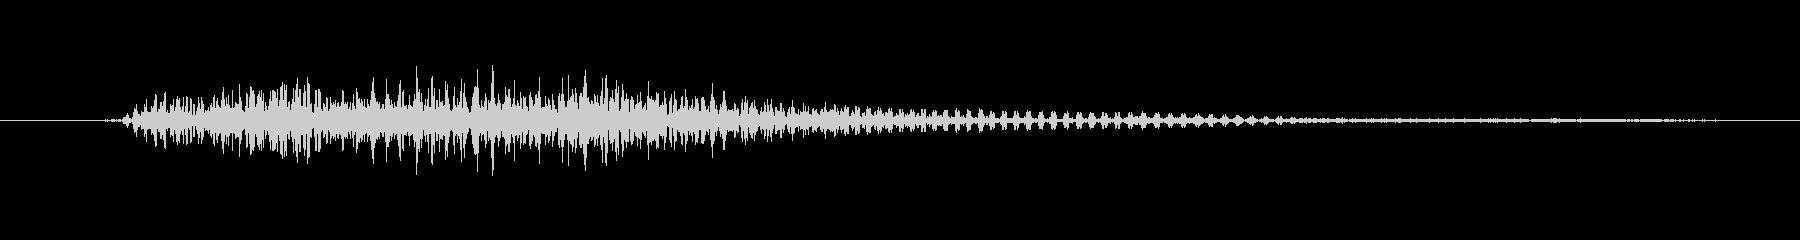 ゾンビ モーンアイドルヘビー02の未再生の波形